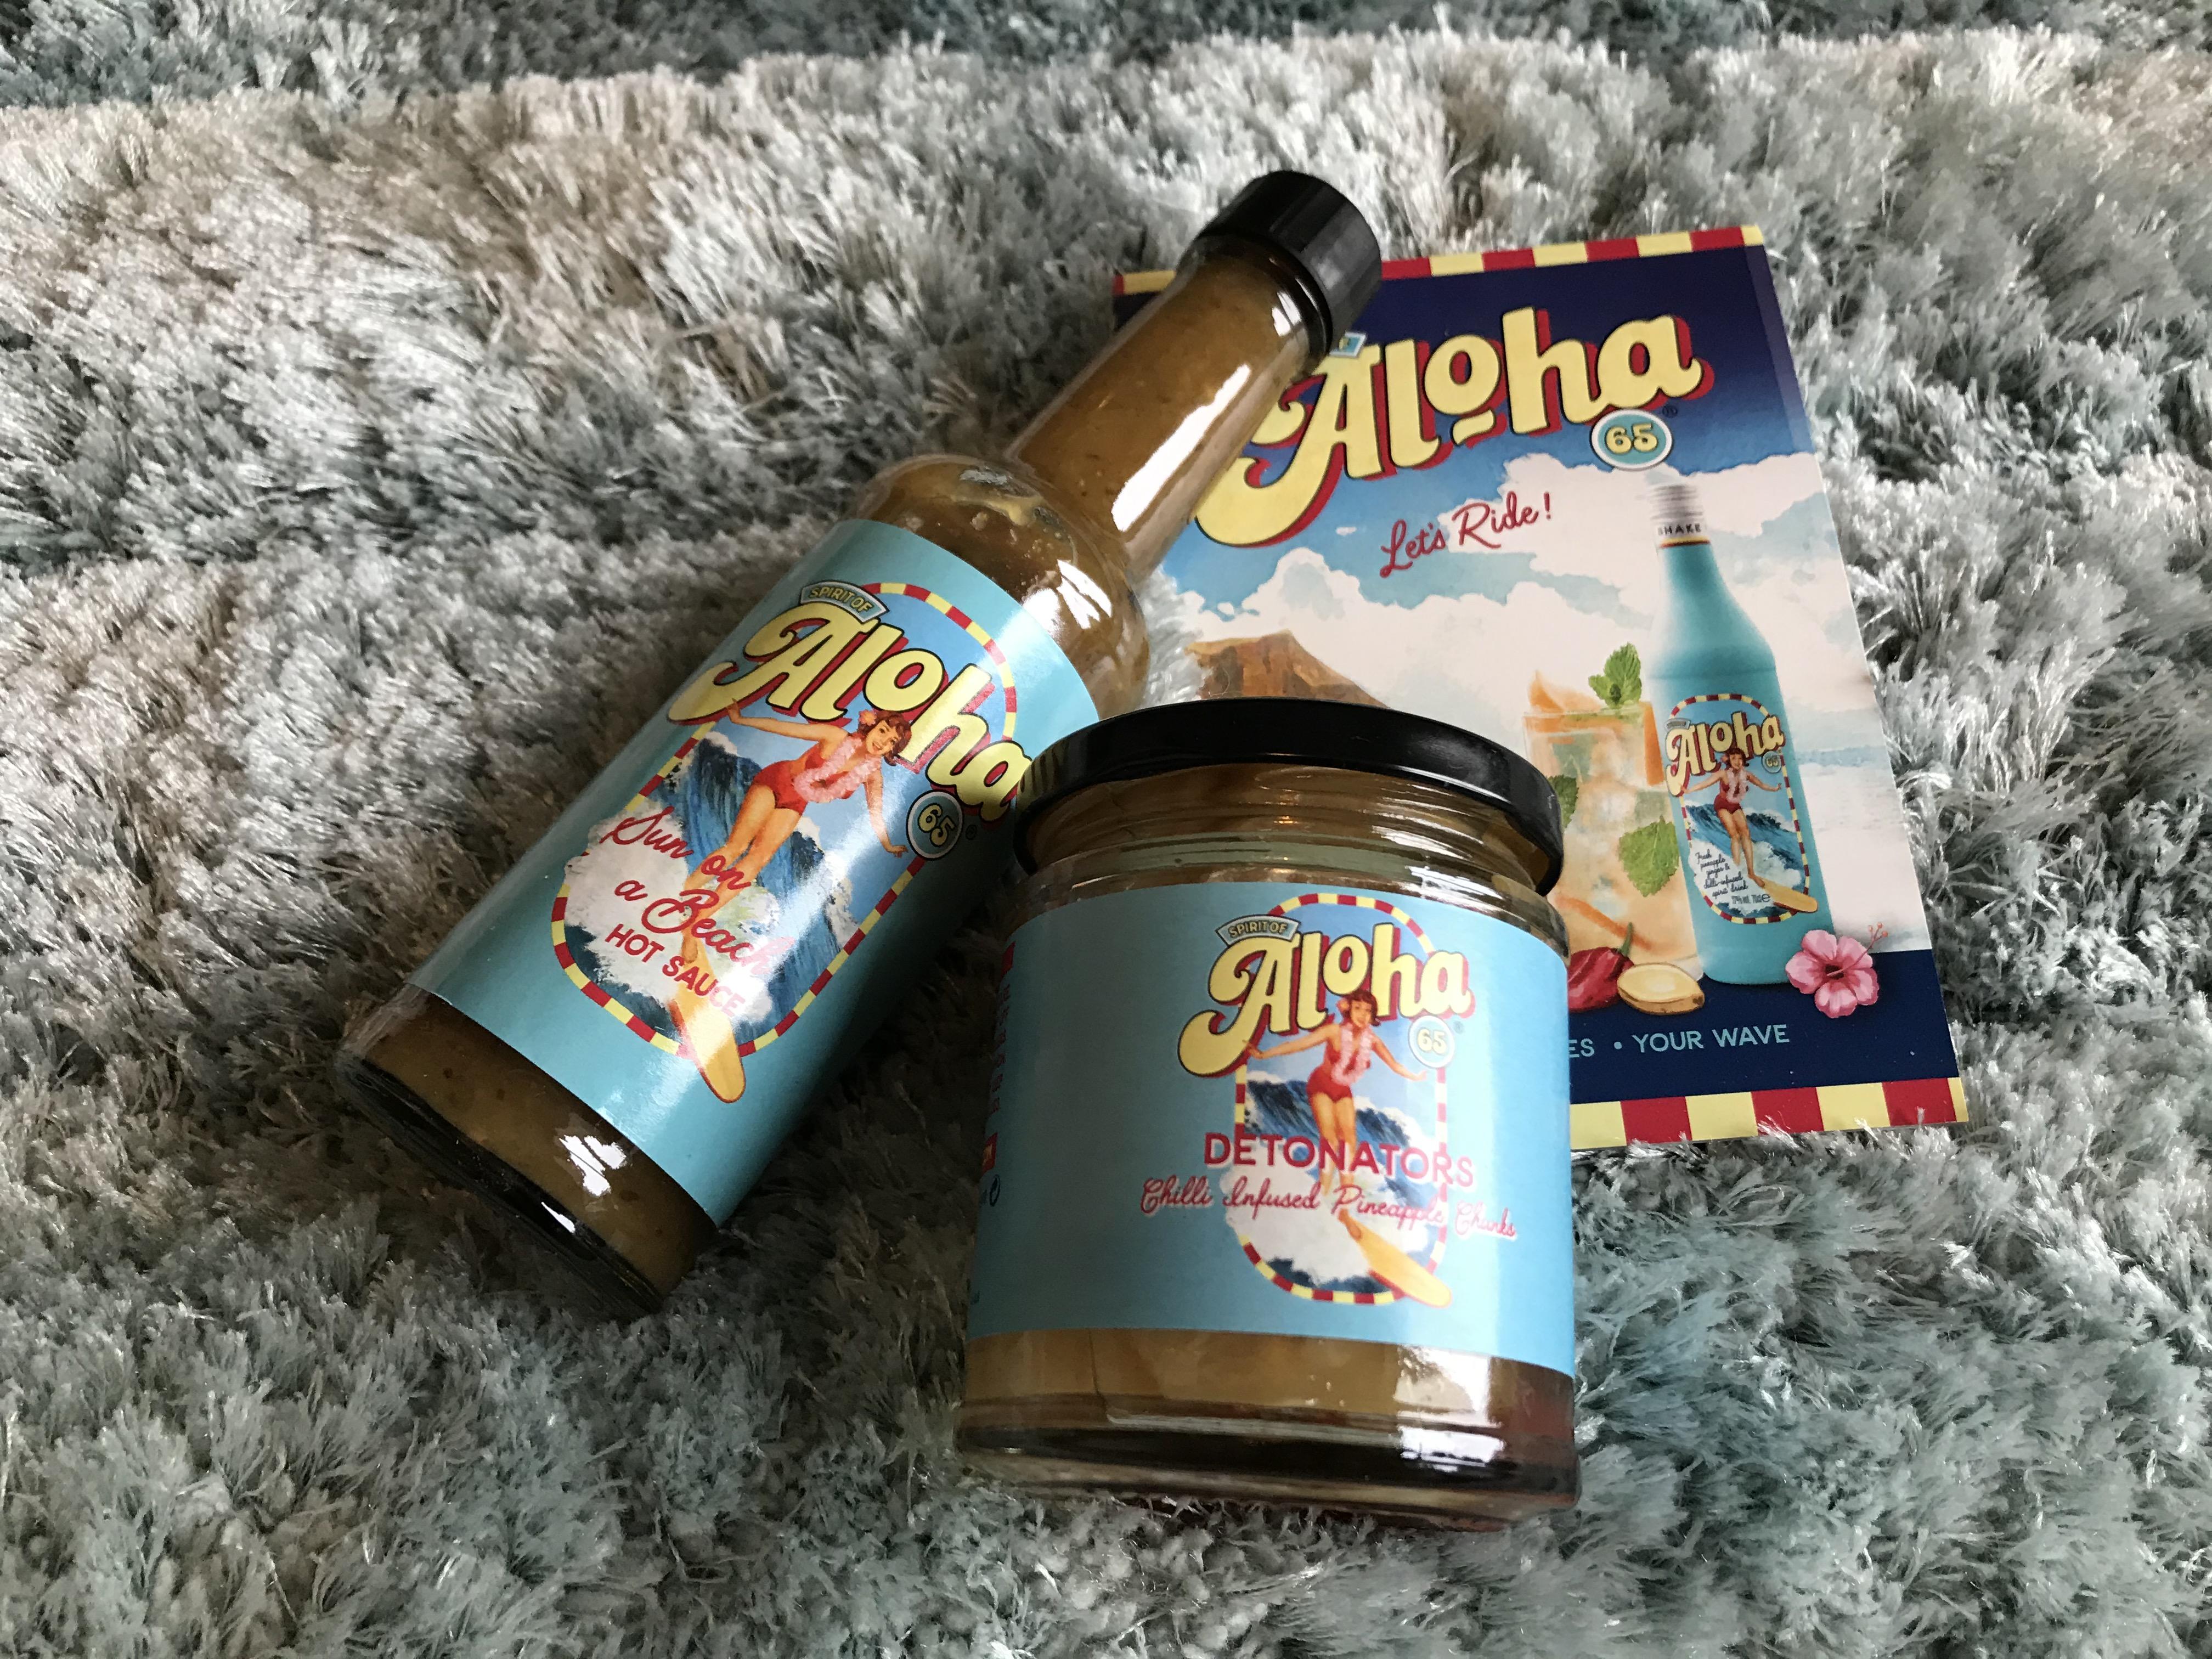 Aloha Hot Sauce